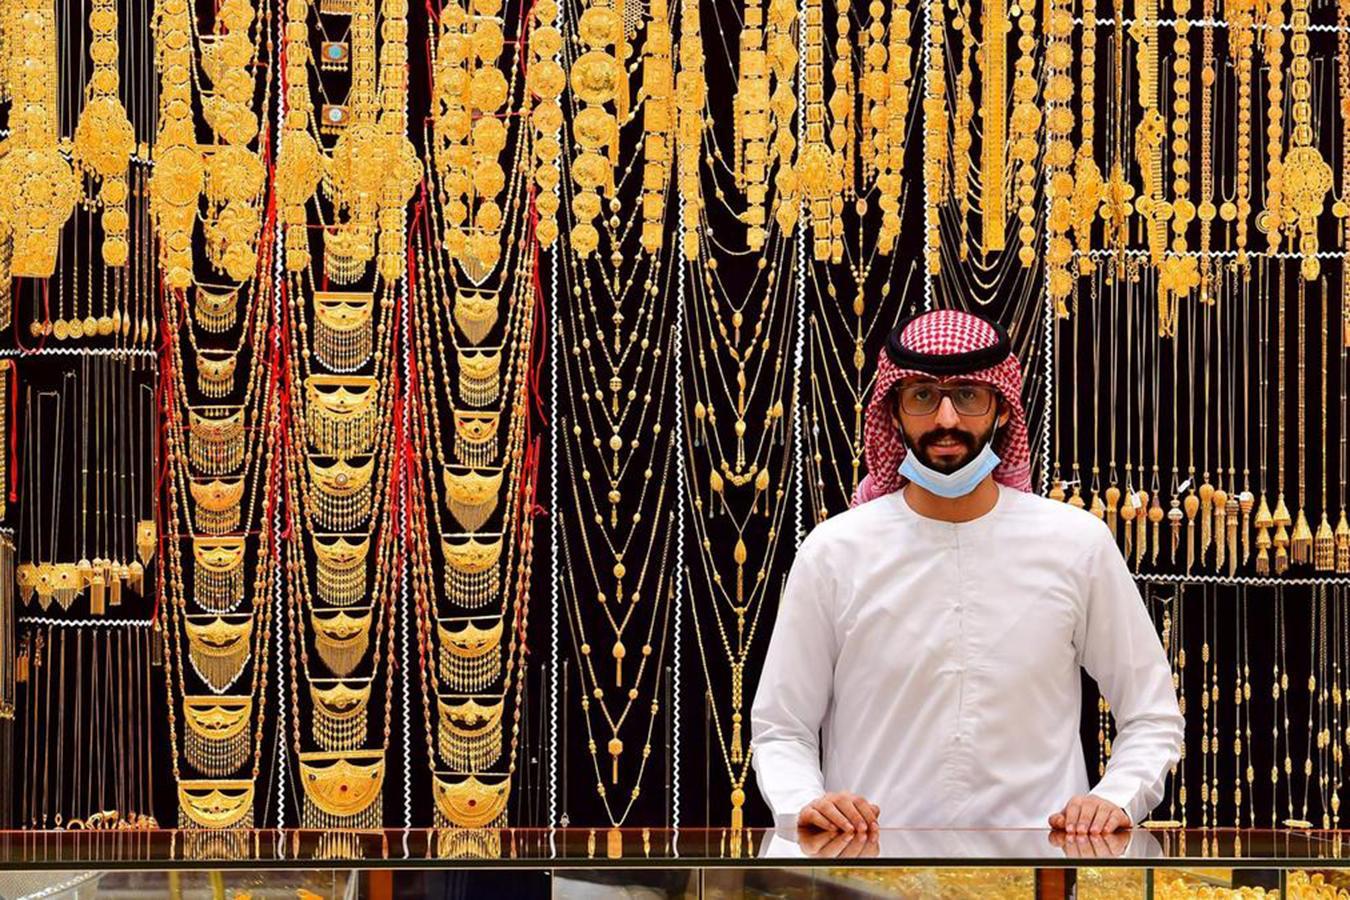 Lóa mắt trước khu chợ toàn bằng vàng ở UAE - Ảnh 2.